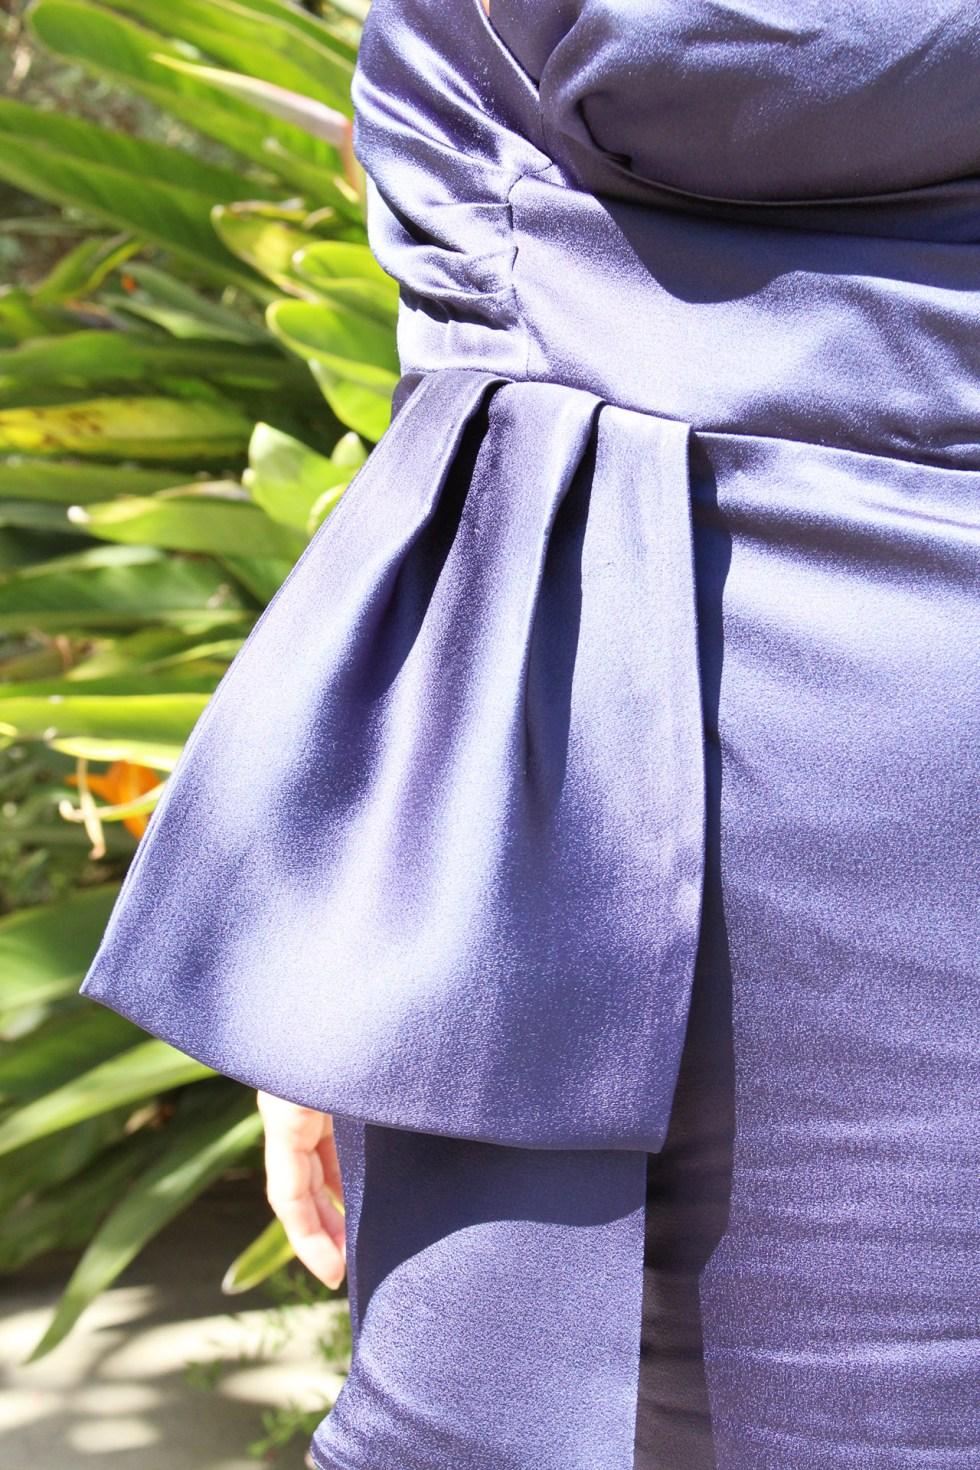 Butterick B5814, Cocktail Dress, waist detailing | @vintageontap